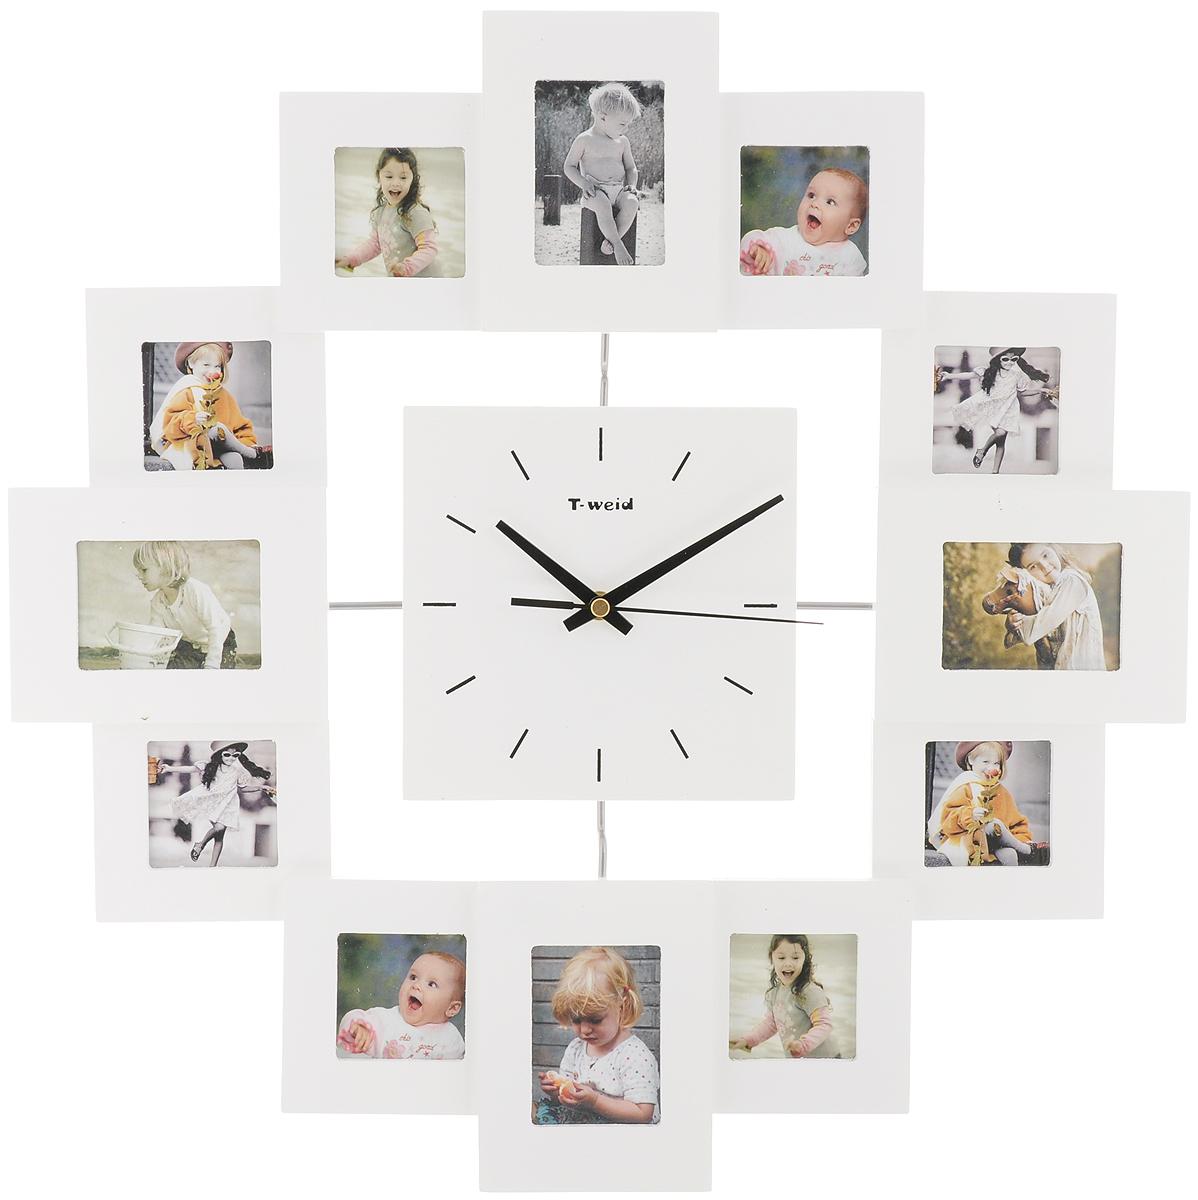 Часы настенные HomeMaster, с 12 фоторамками, цвет: белыйМ9013ВWhiteНастенные часы HomeMaster кварцевые с фоторамками - это прекрасный предмет декора, а также универсальный подарок практически по любому поводу. Корпус часов, выполнен из дерева с белым матовым покрытием и оформлен двенадцатью фоторамками. Циферблат часов оснащен тремя фигурными стрелками: часовой, минутной и секундной. На задней стенке часов расположена металлическая петелька для подвешивания и блок с часовым механизмом. Часы с фоторамками прекрасно впишутся в любой интерьер. В зависимости оттого, что вы поместите в рамки, будет меняться и стиль часов. Тип механизма: плавающий, бесшумный. Рекомендуется докупить батарейку типа АА (не входит в комплект). Размер изделия: 45 х 45 х 5 см. Размер фоторамок: для 4 фото - 6 х 8 см и для 8 фото - 6 х 6 см.